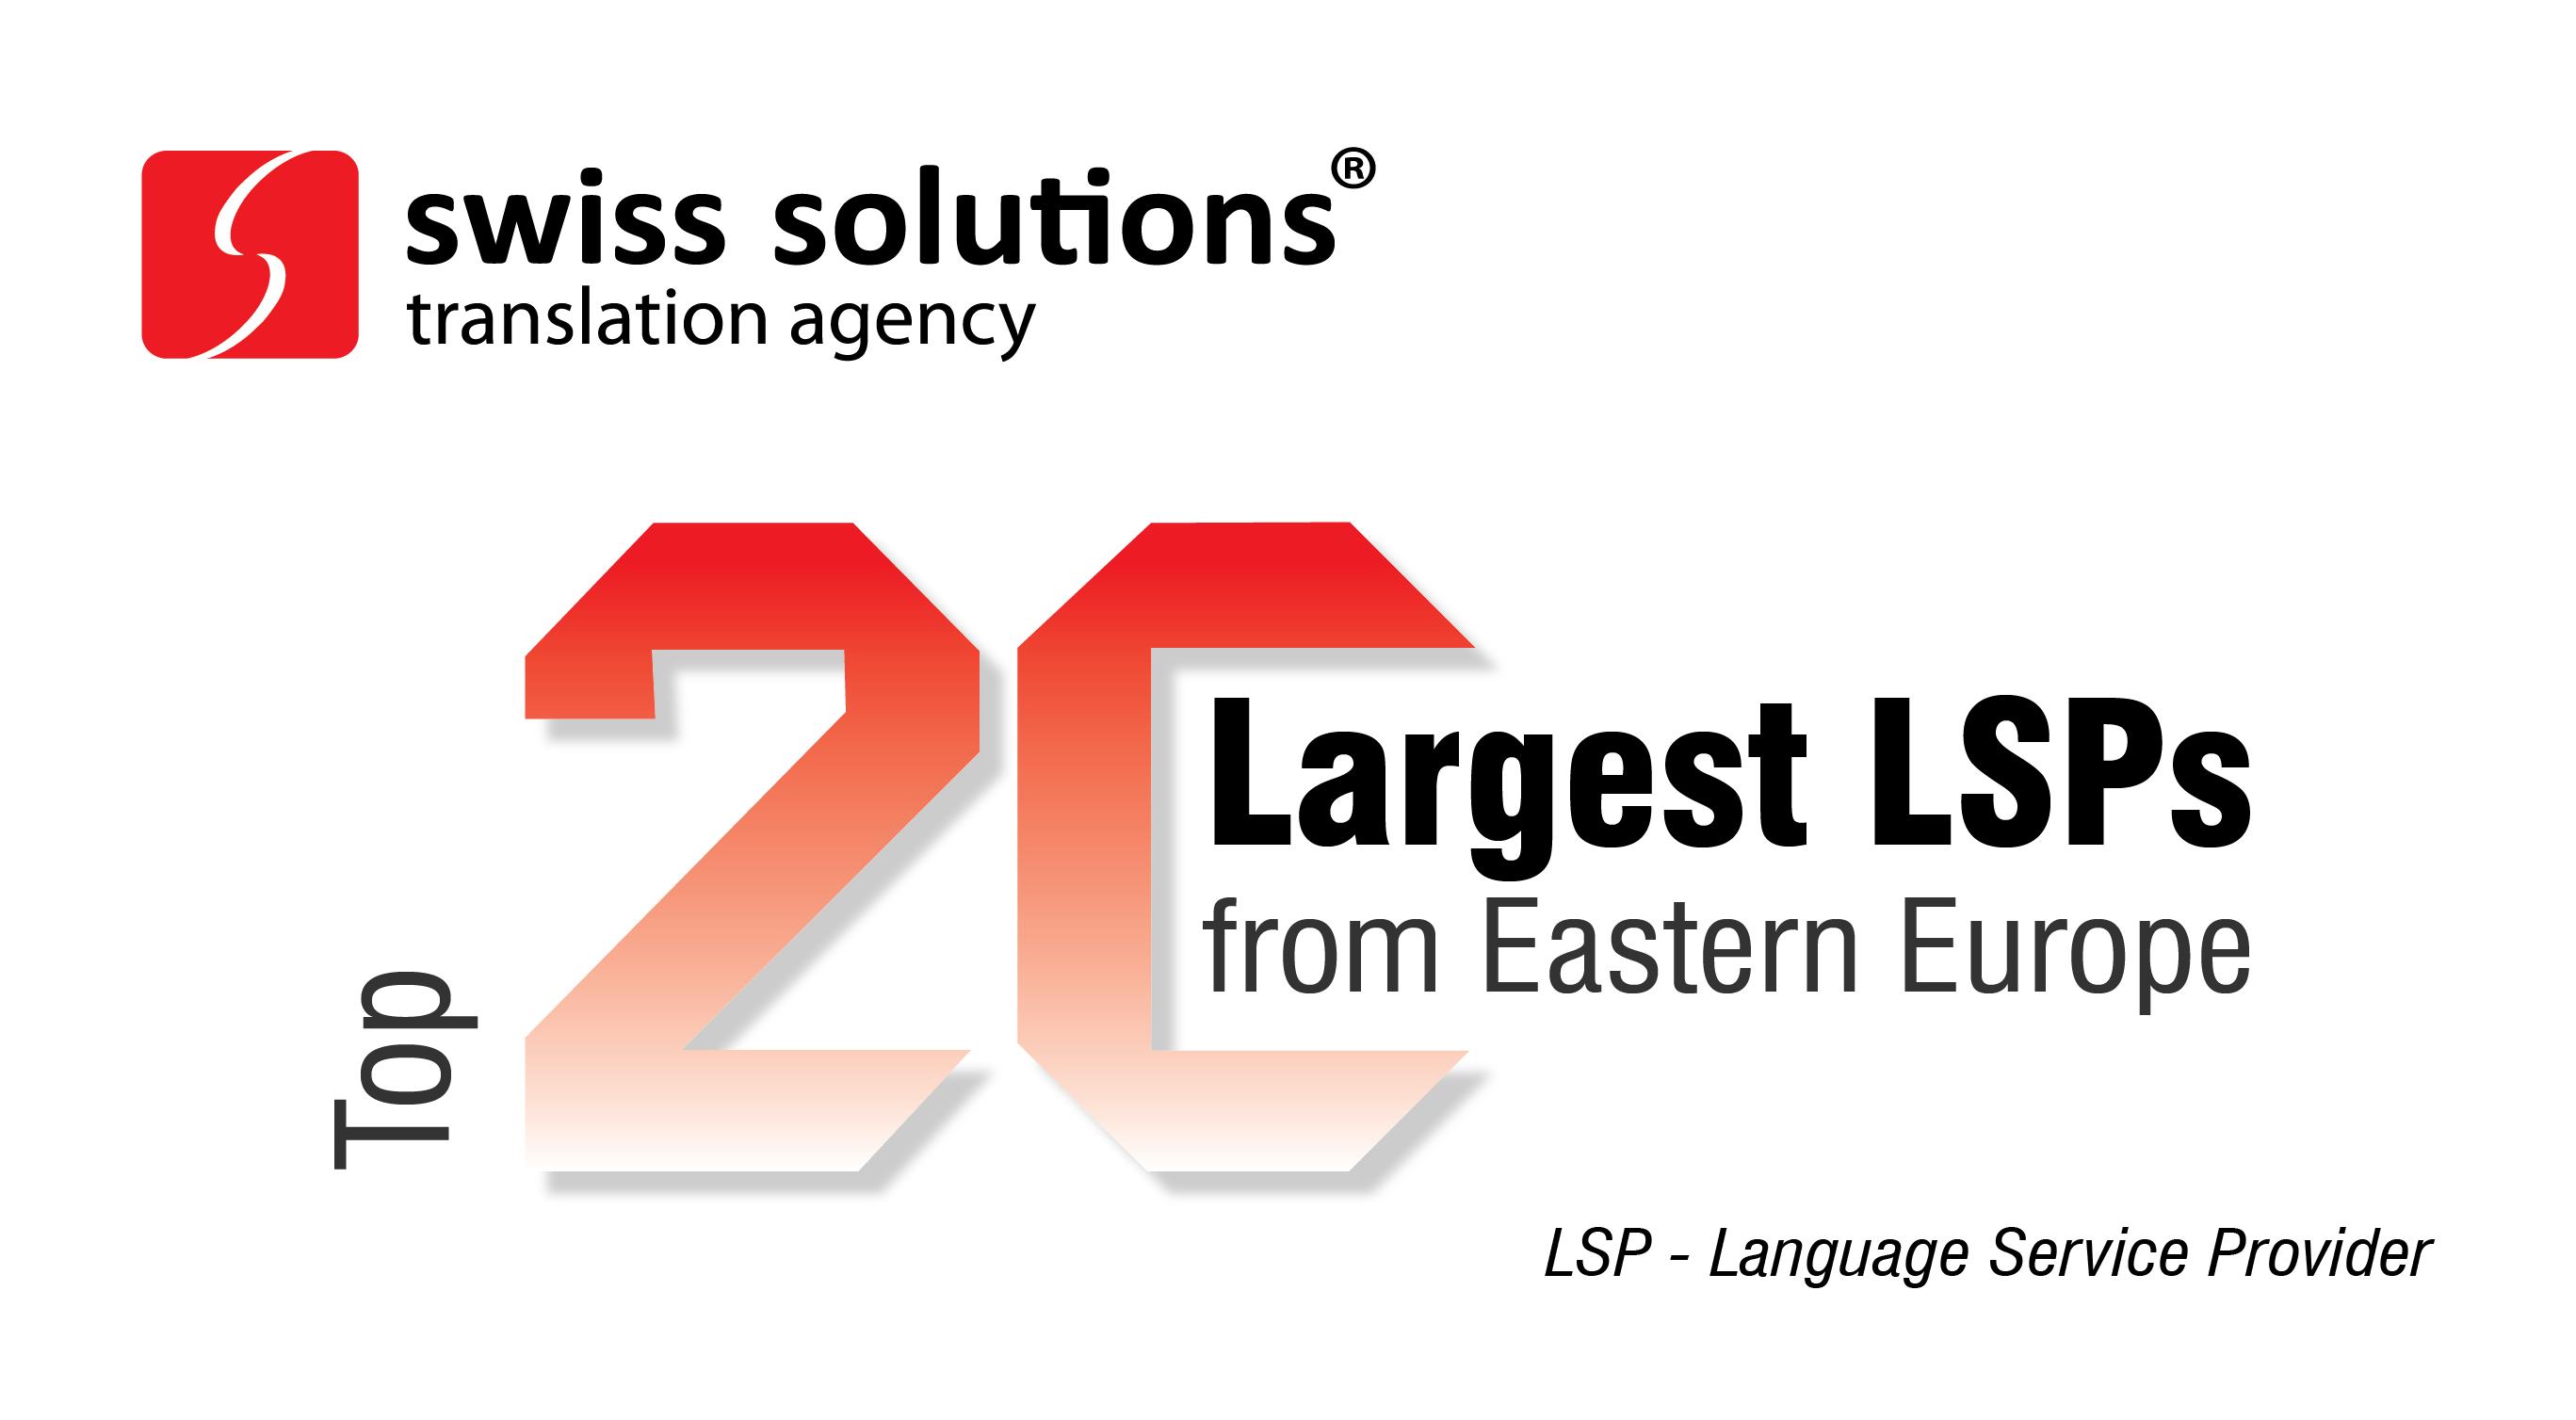 swiss solutions agentie de traduceri top 20